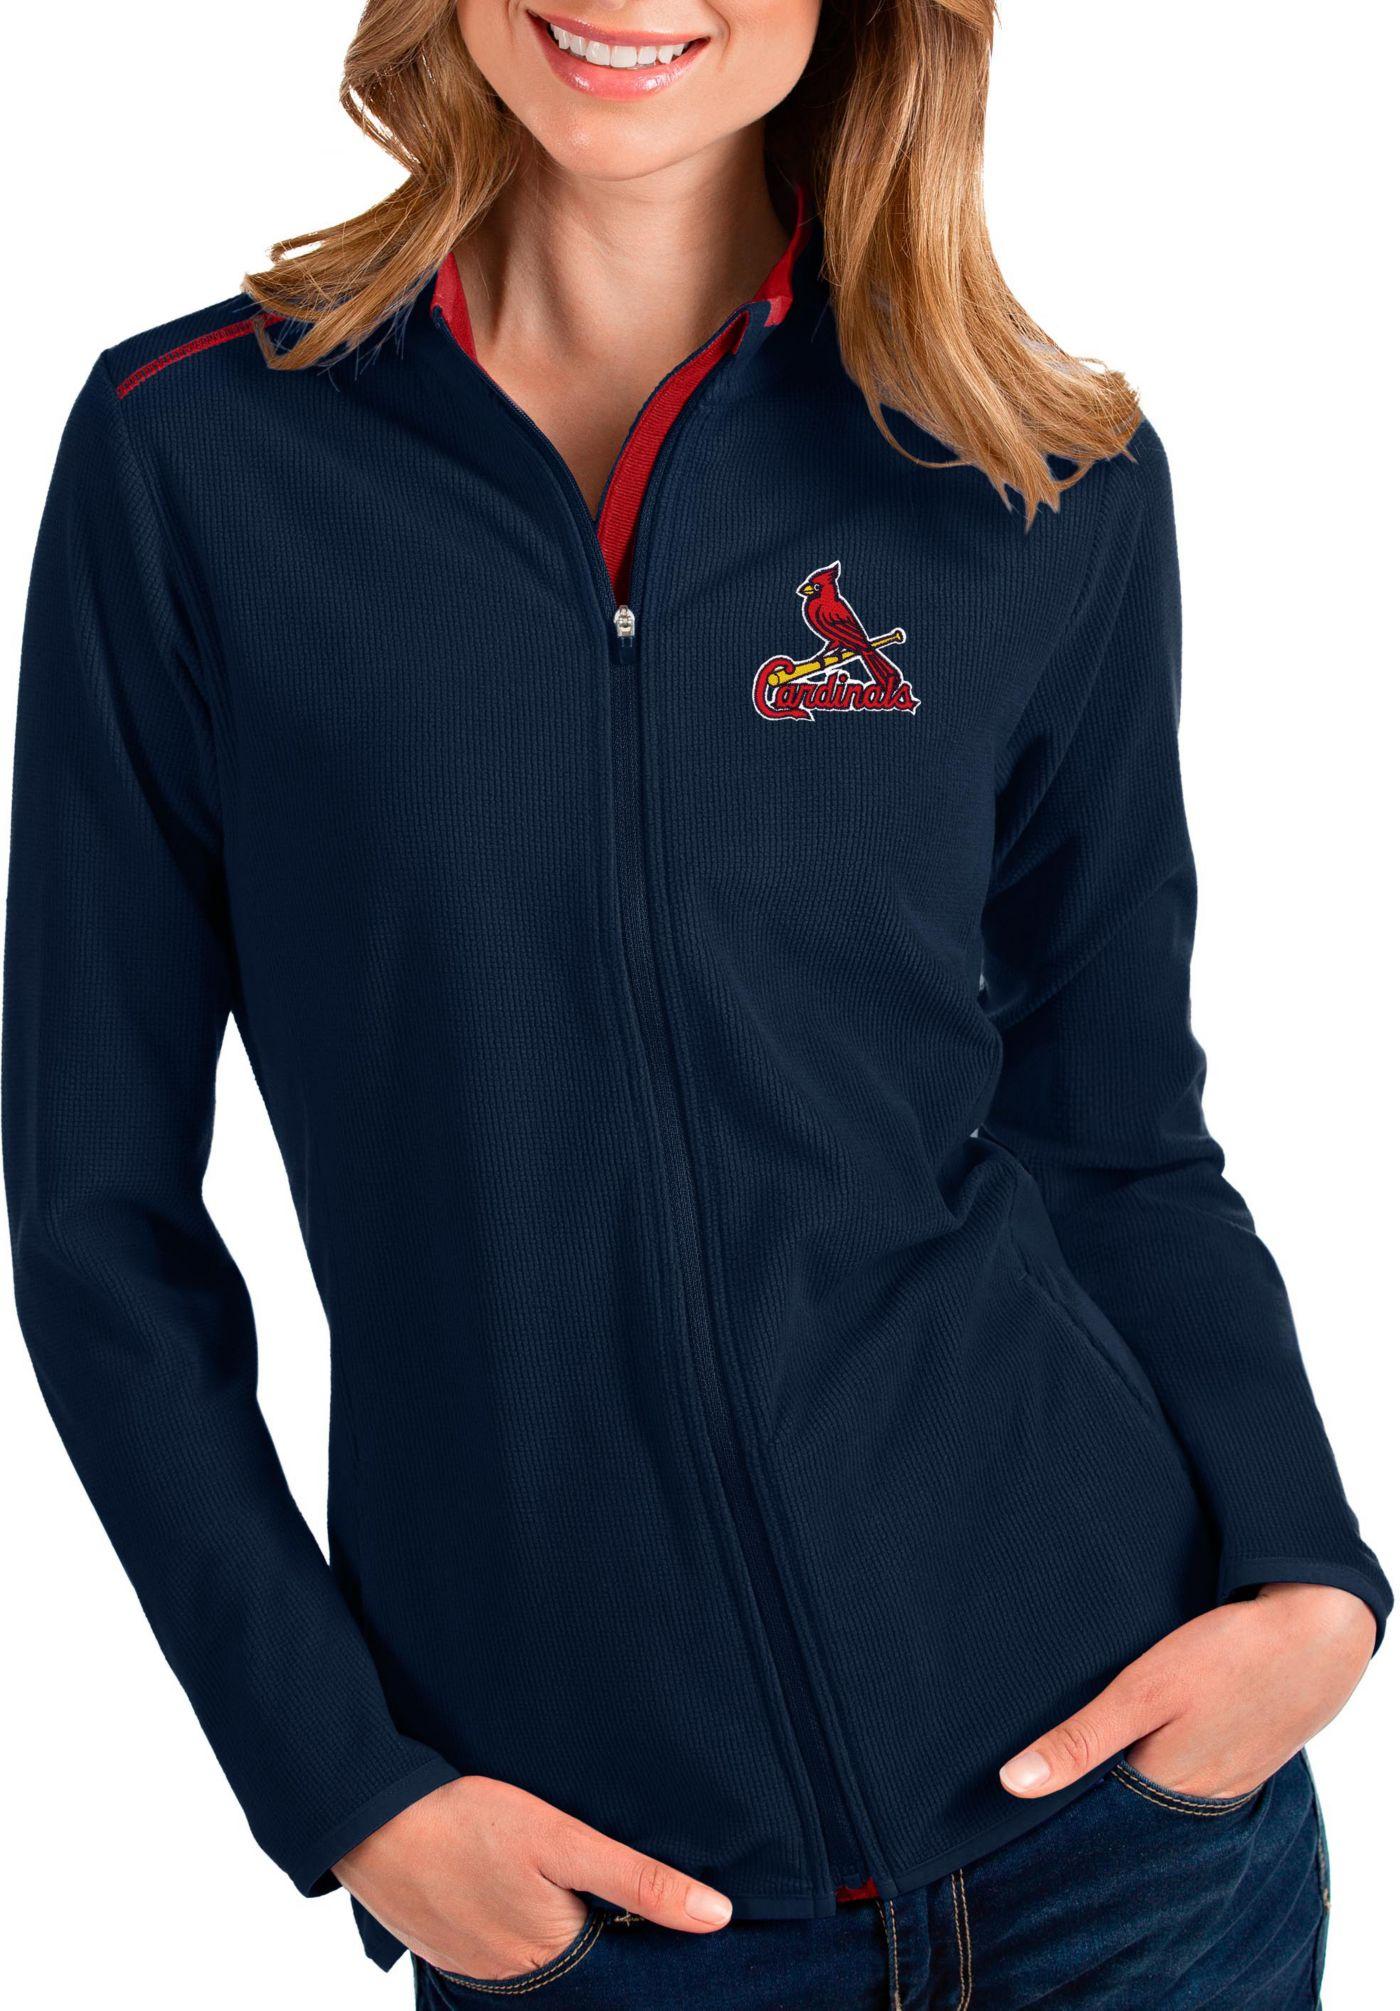 Antigua Women's St. Louis Cardinals Navy Glacier Full-Zip Jacket